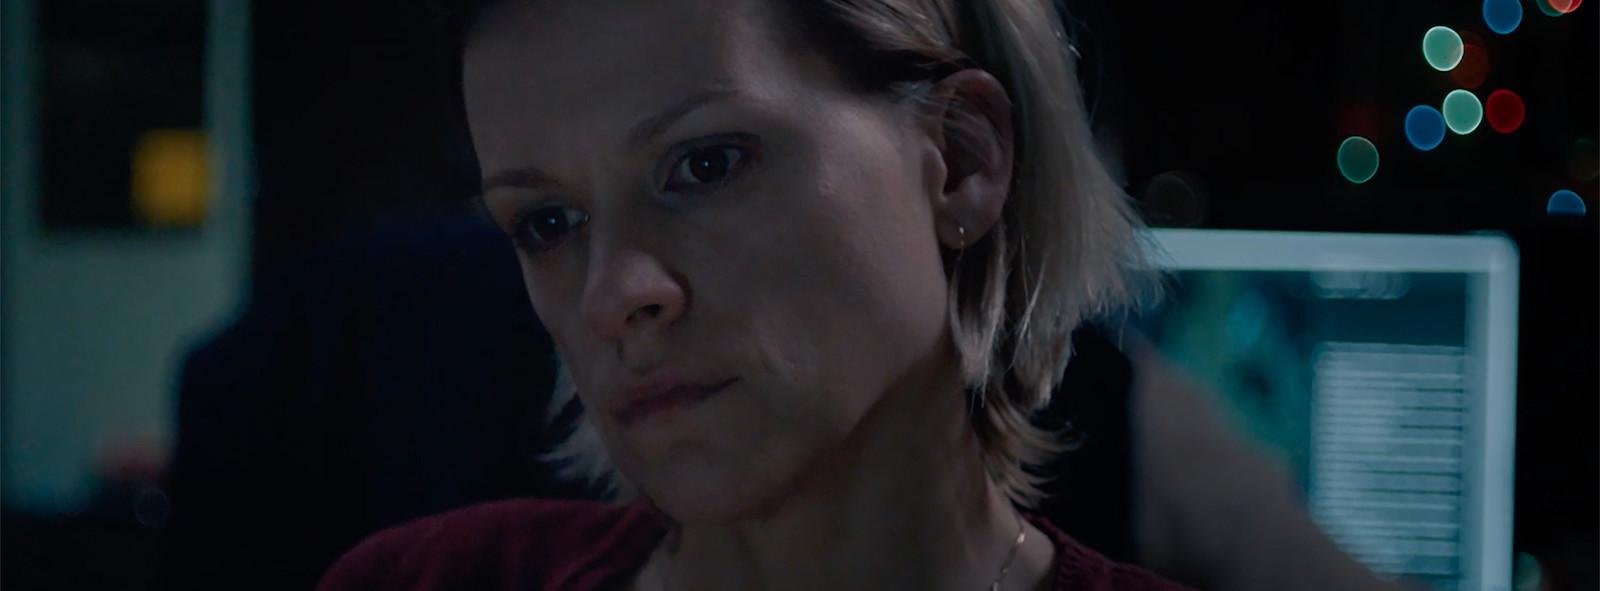 In de kortfilm 'Une Soeur' speelt Baetens een operator van de noodcentrale die een ontvoerde vrouw probeert